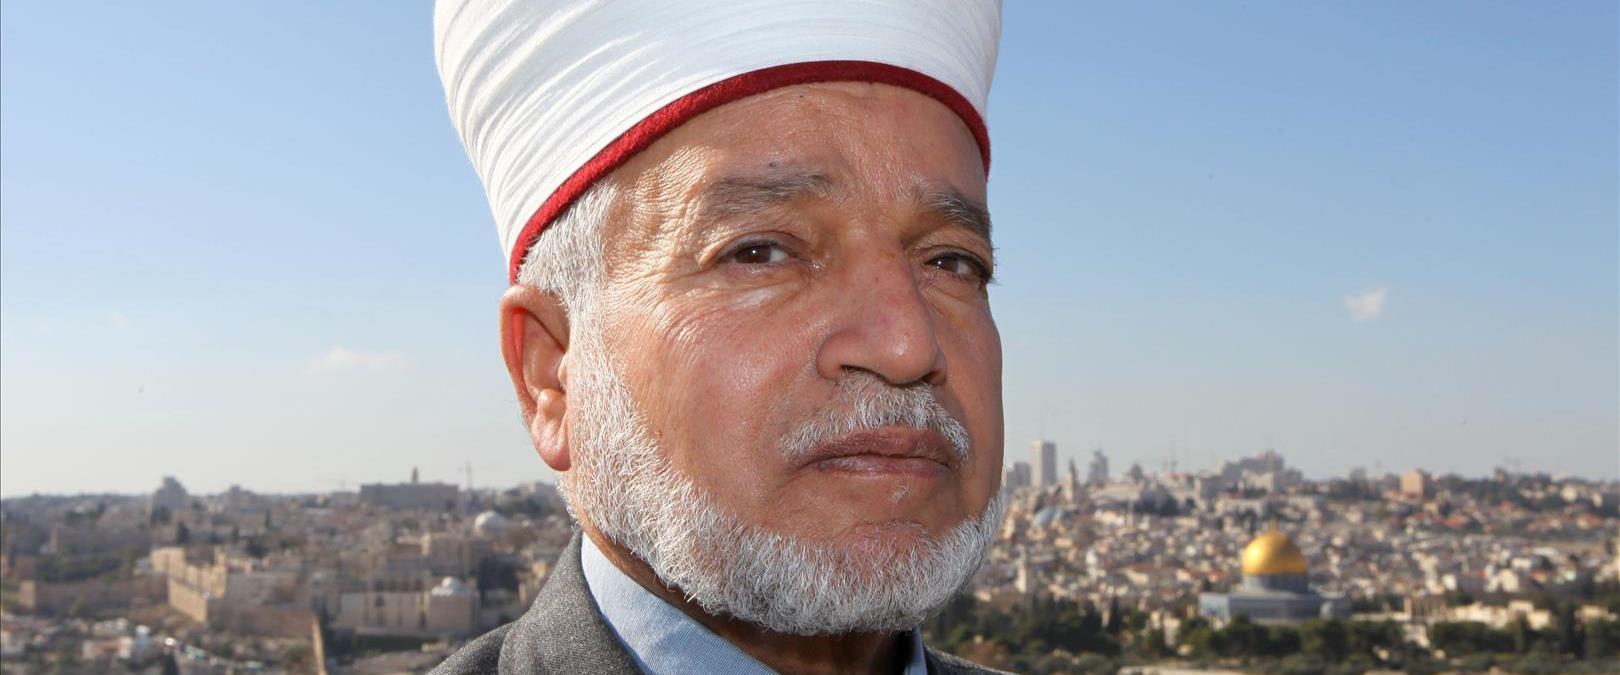 שייח' מוחמד חוסיין, ארכיון